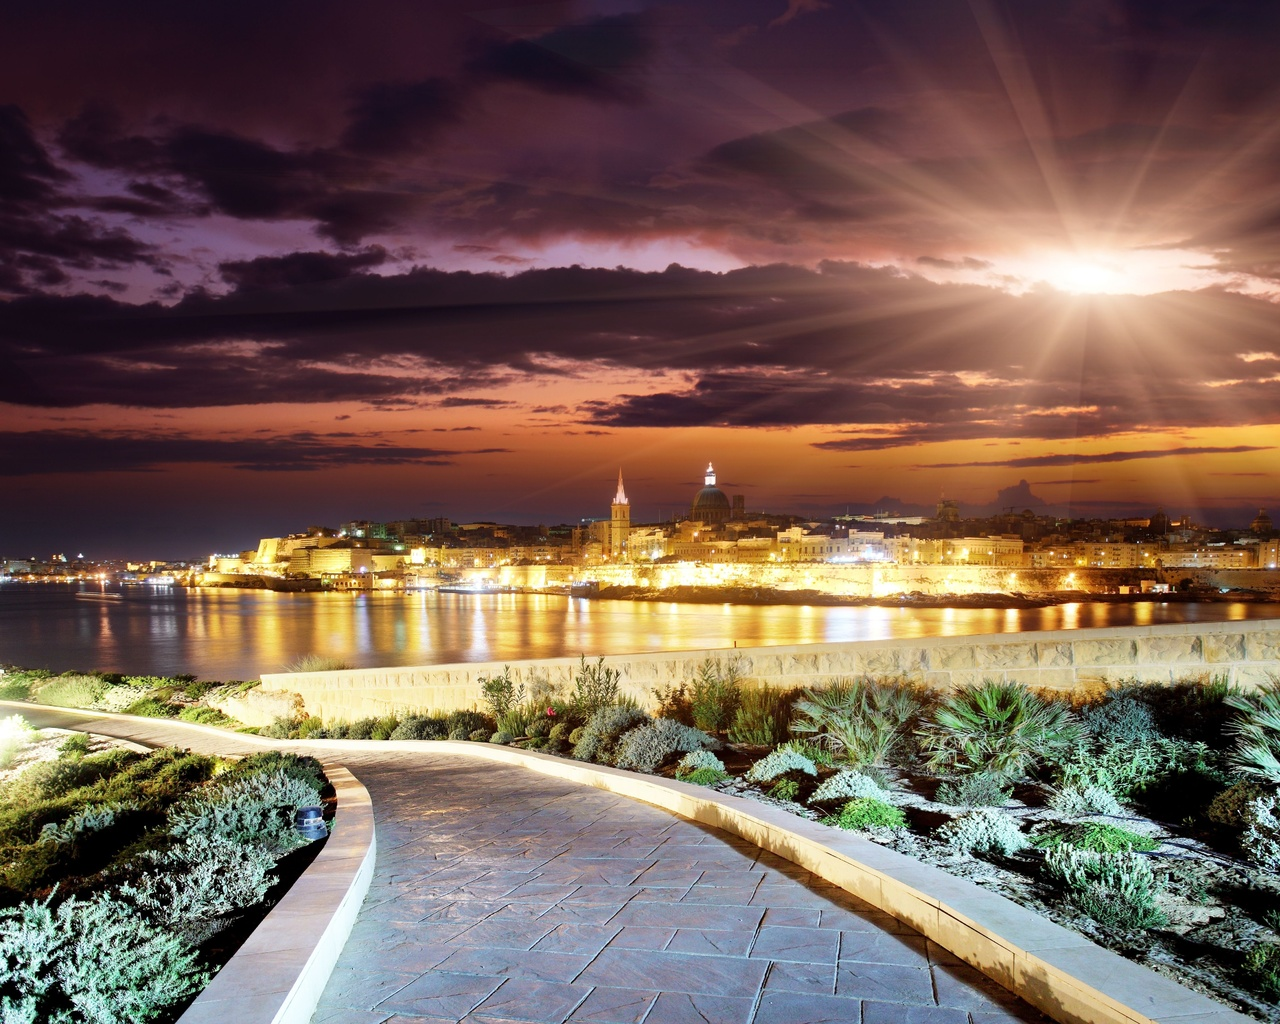 город, здания, вечер, закат, небо, облака, солнце, дорожка, вода, лучи